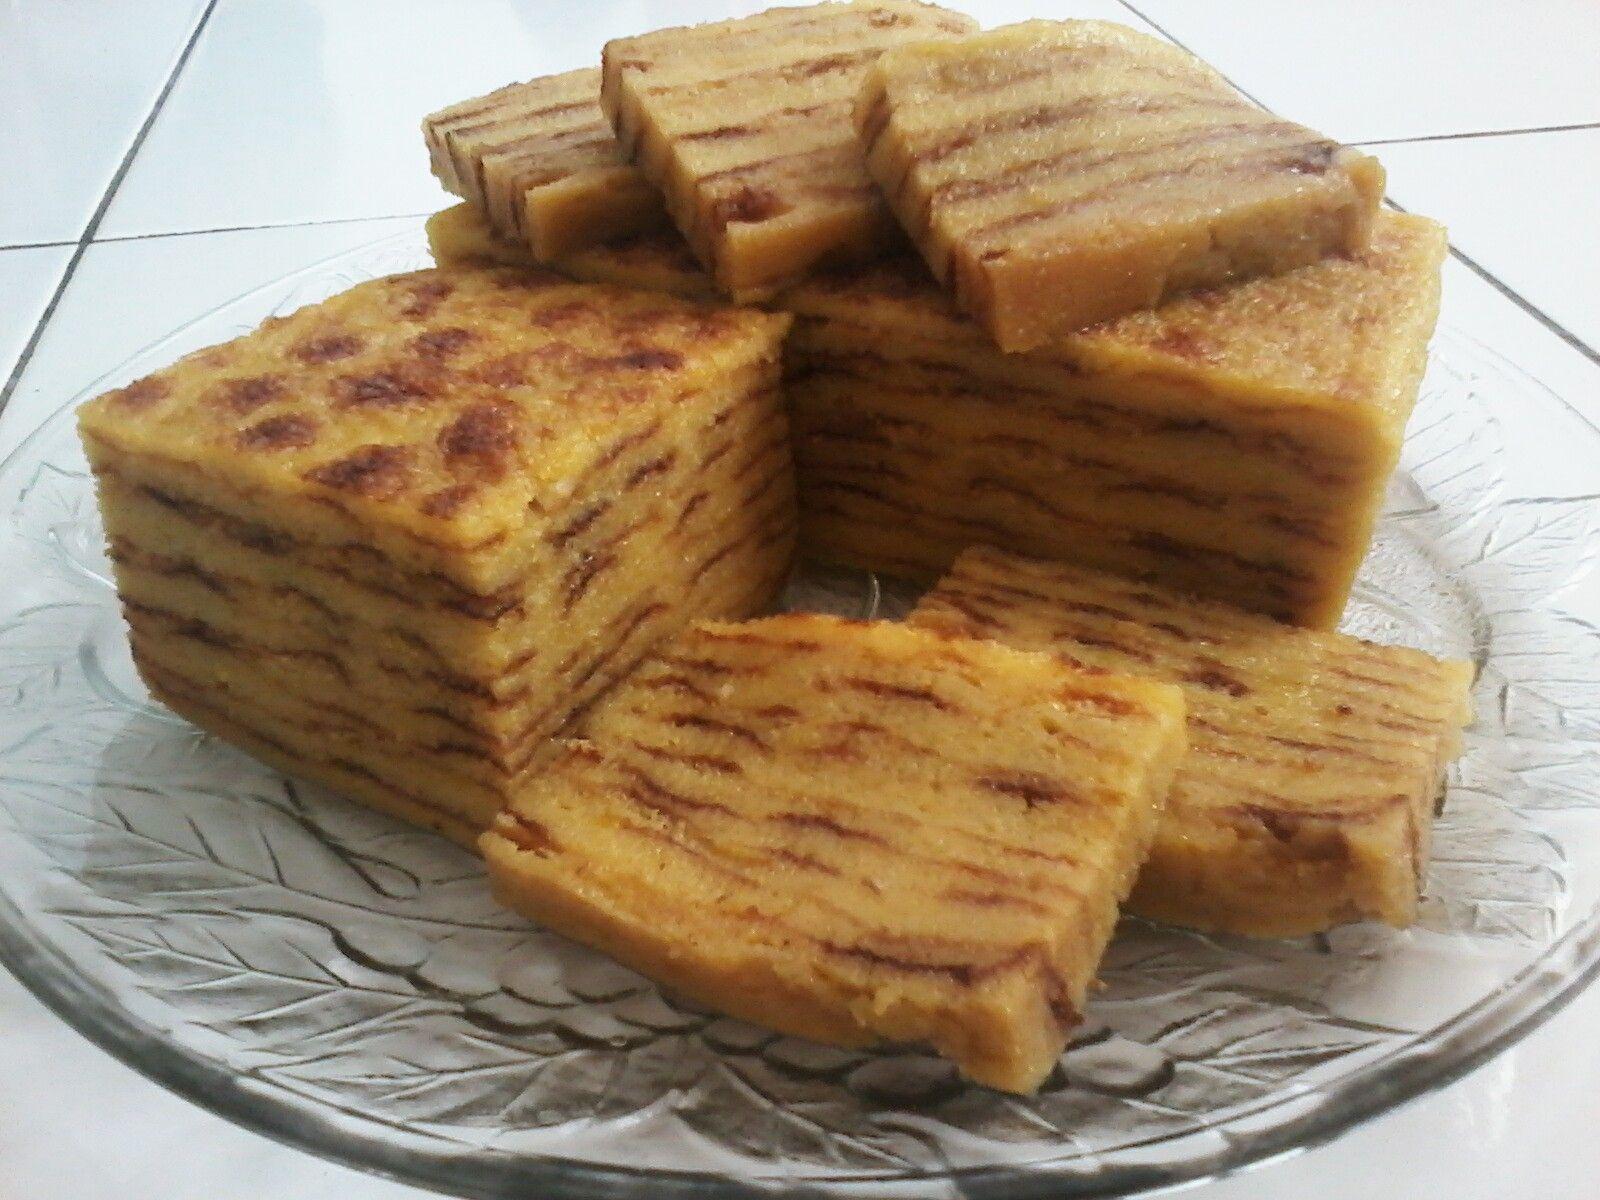 Kue Maksuba Asal Palembang Yang Serupa Dengan Kue Lapis Legit Makanan Manis Kue Lapis Makanan